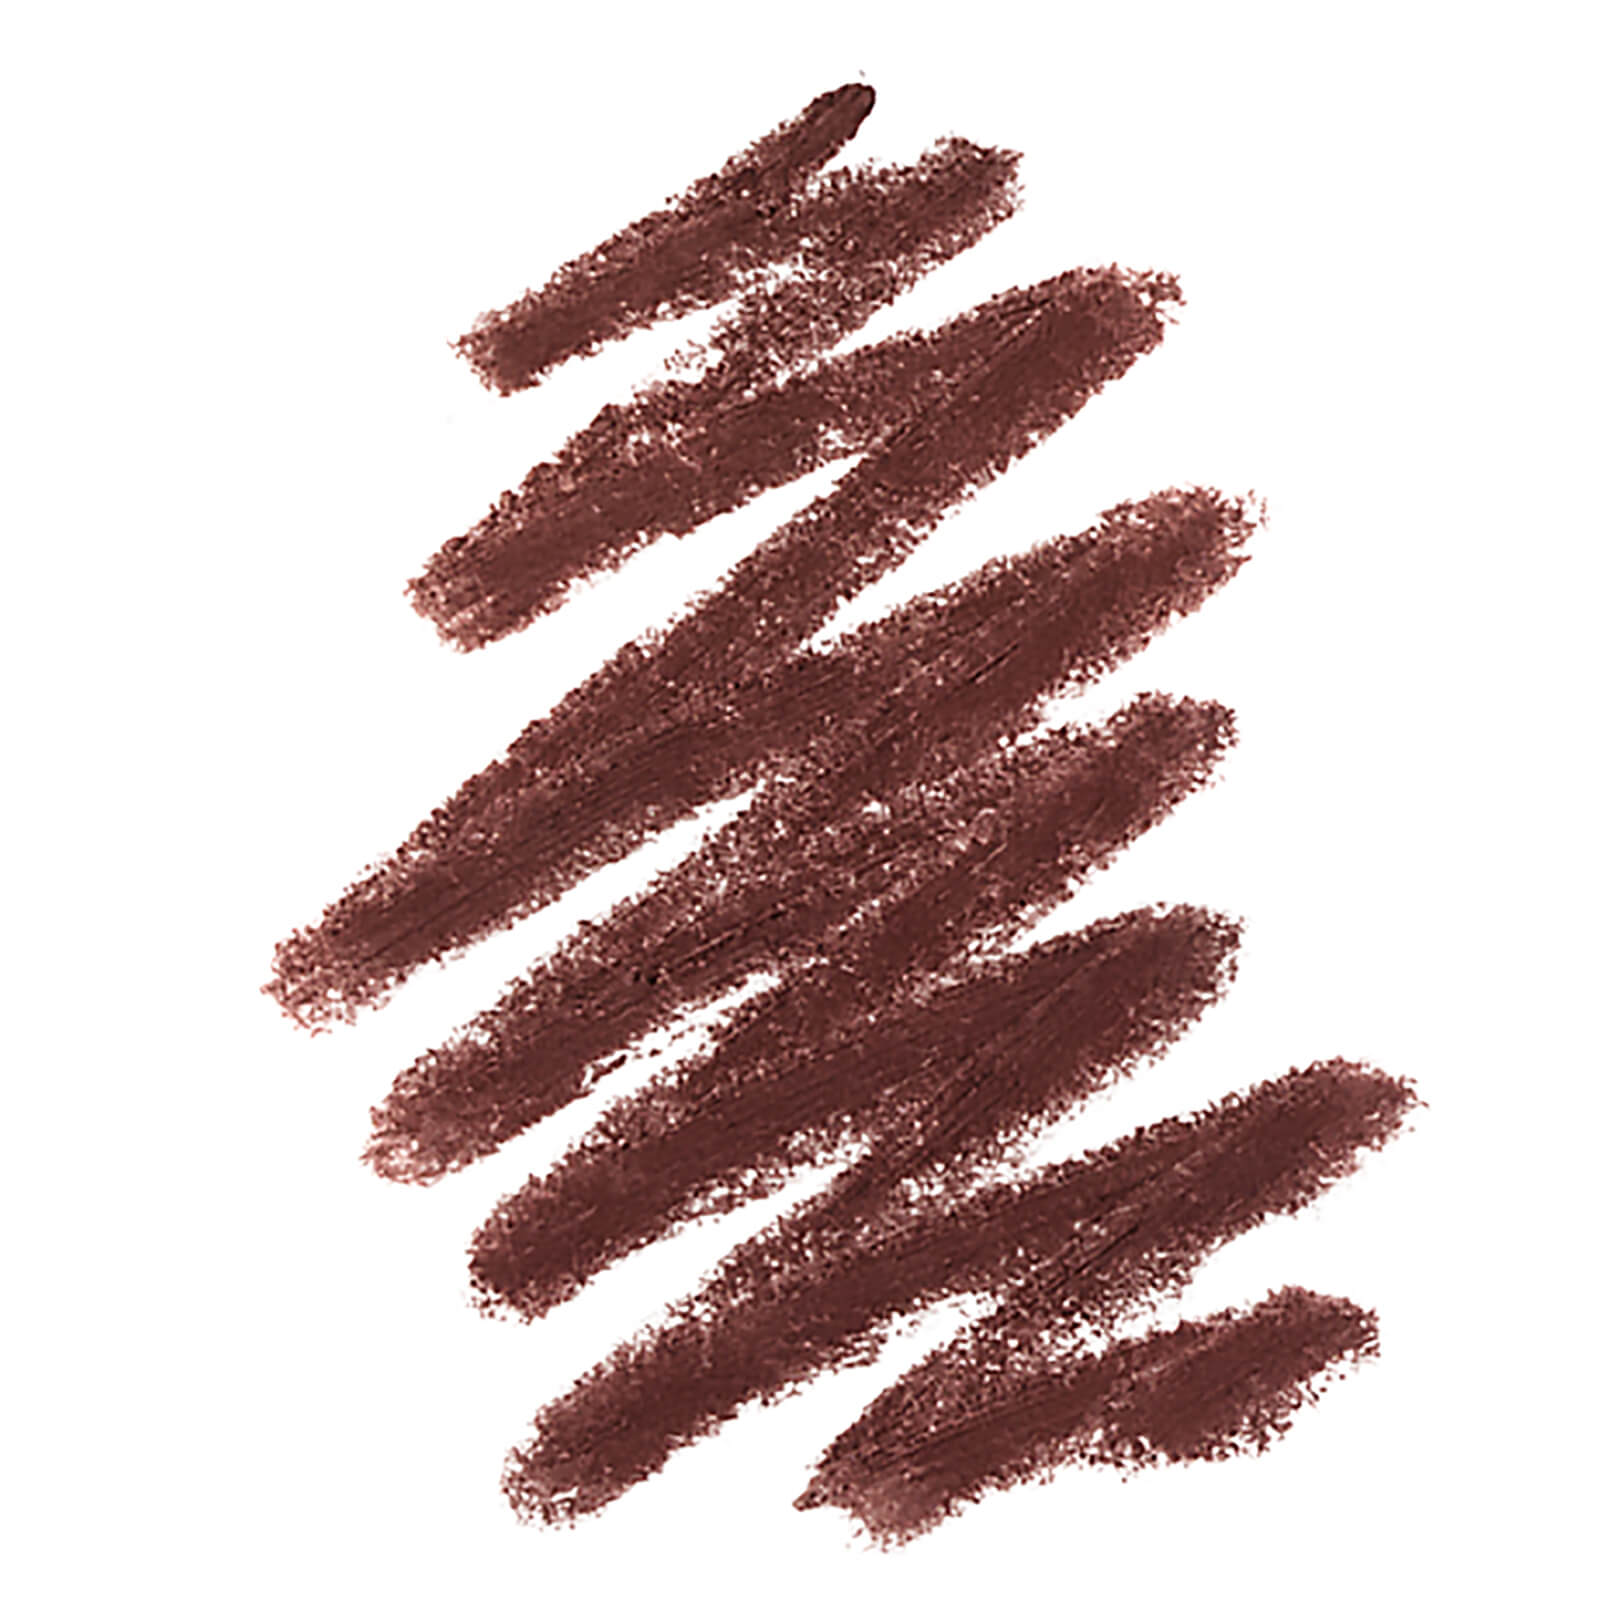 Lápis de Lábios da Bobbi Brown (Vários tons) - Chocolate